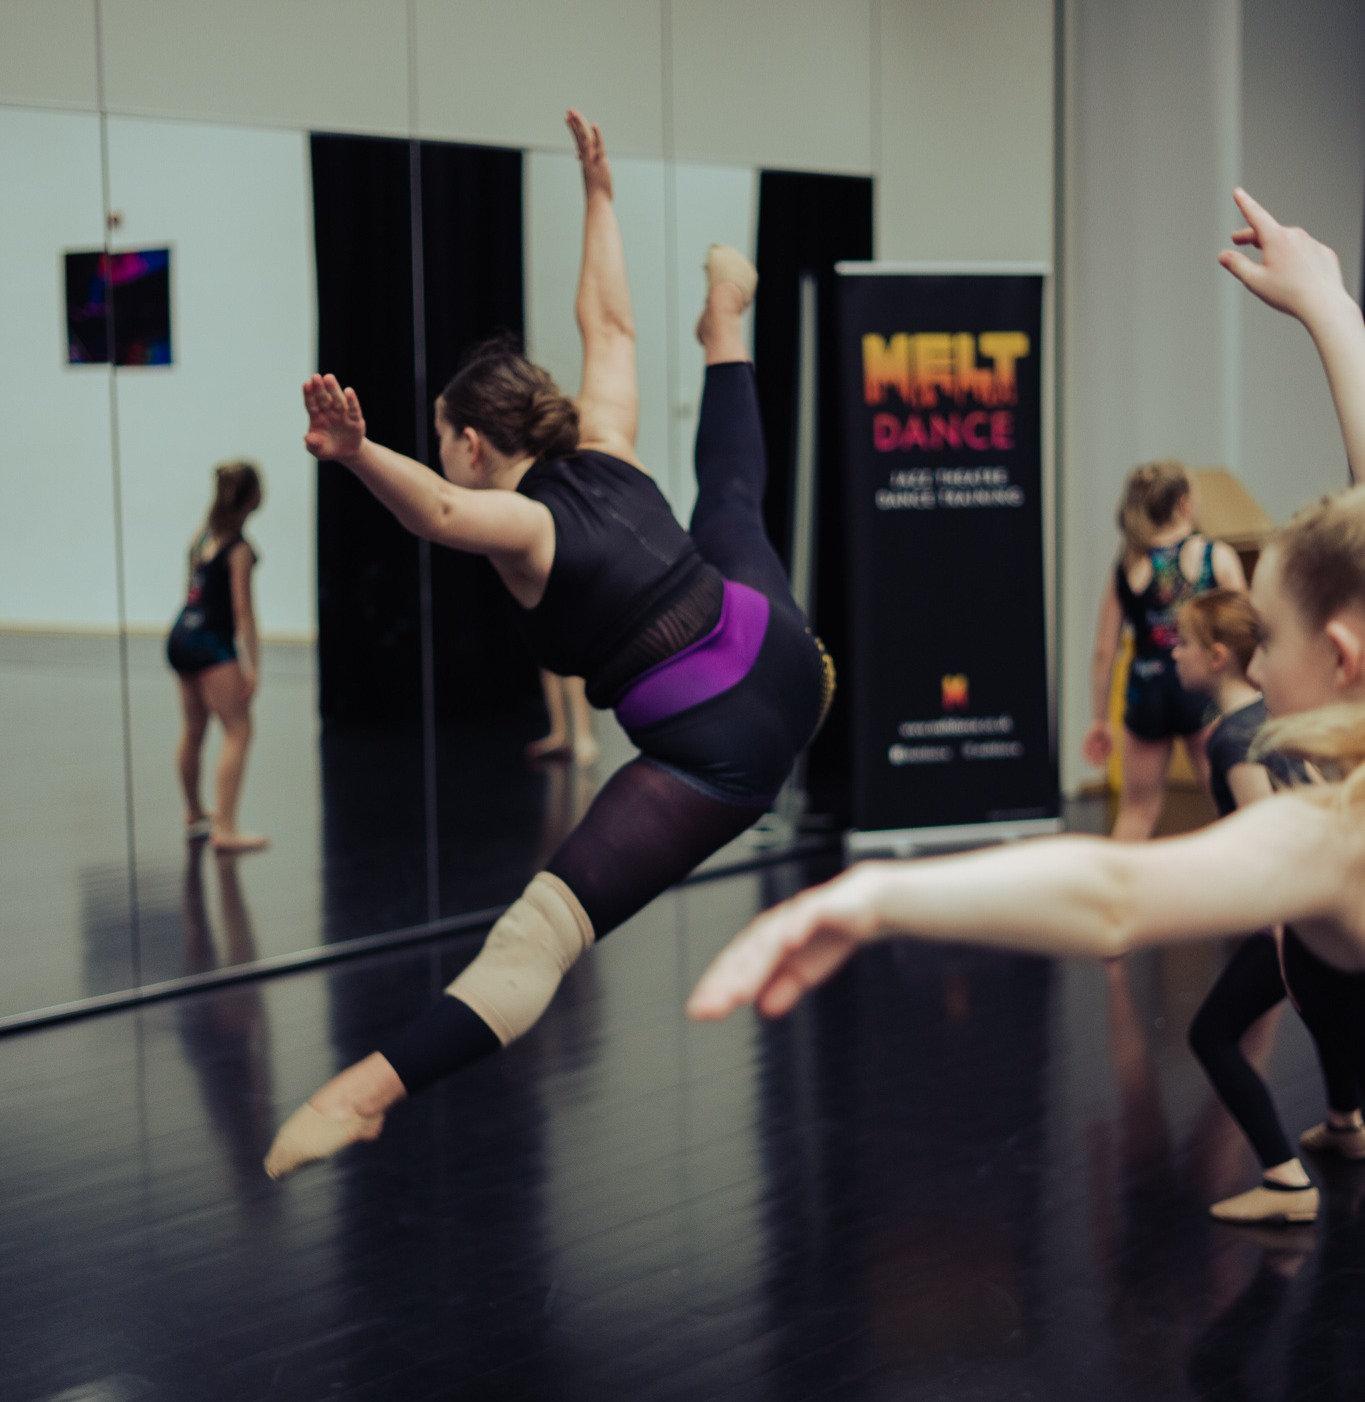 Melt Dance Associates Online (Senior)